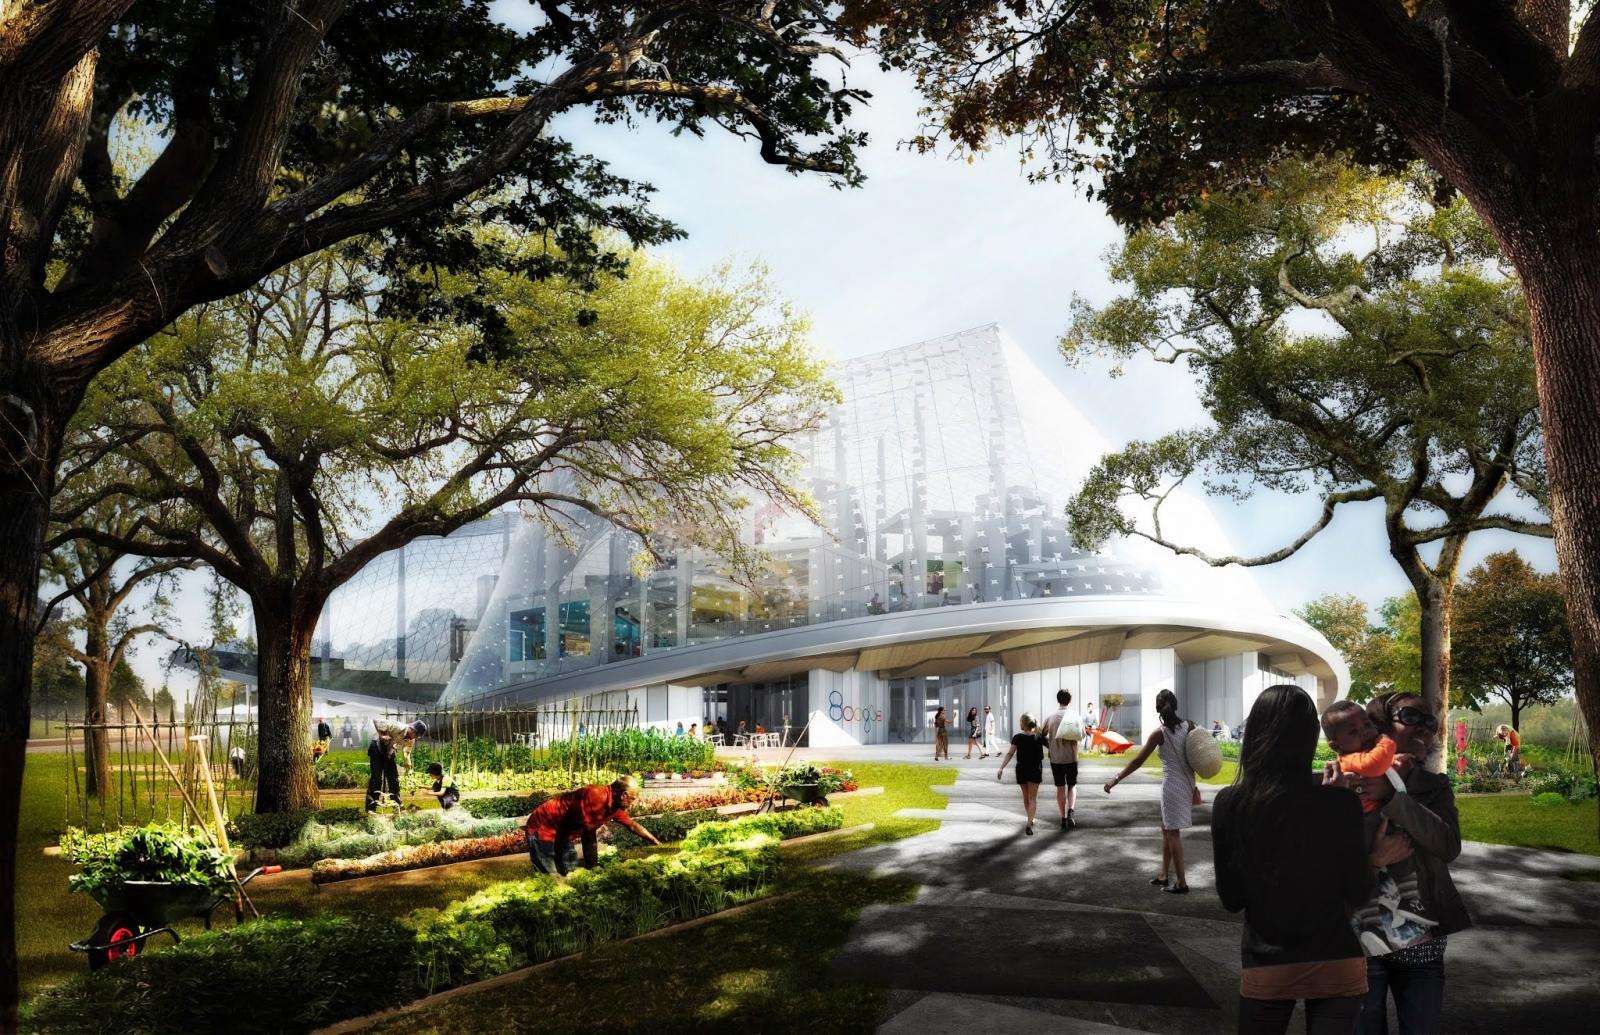 Google's new headquarters